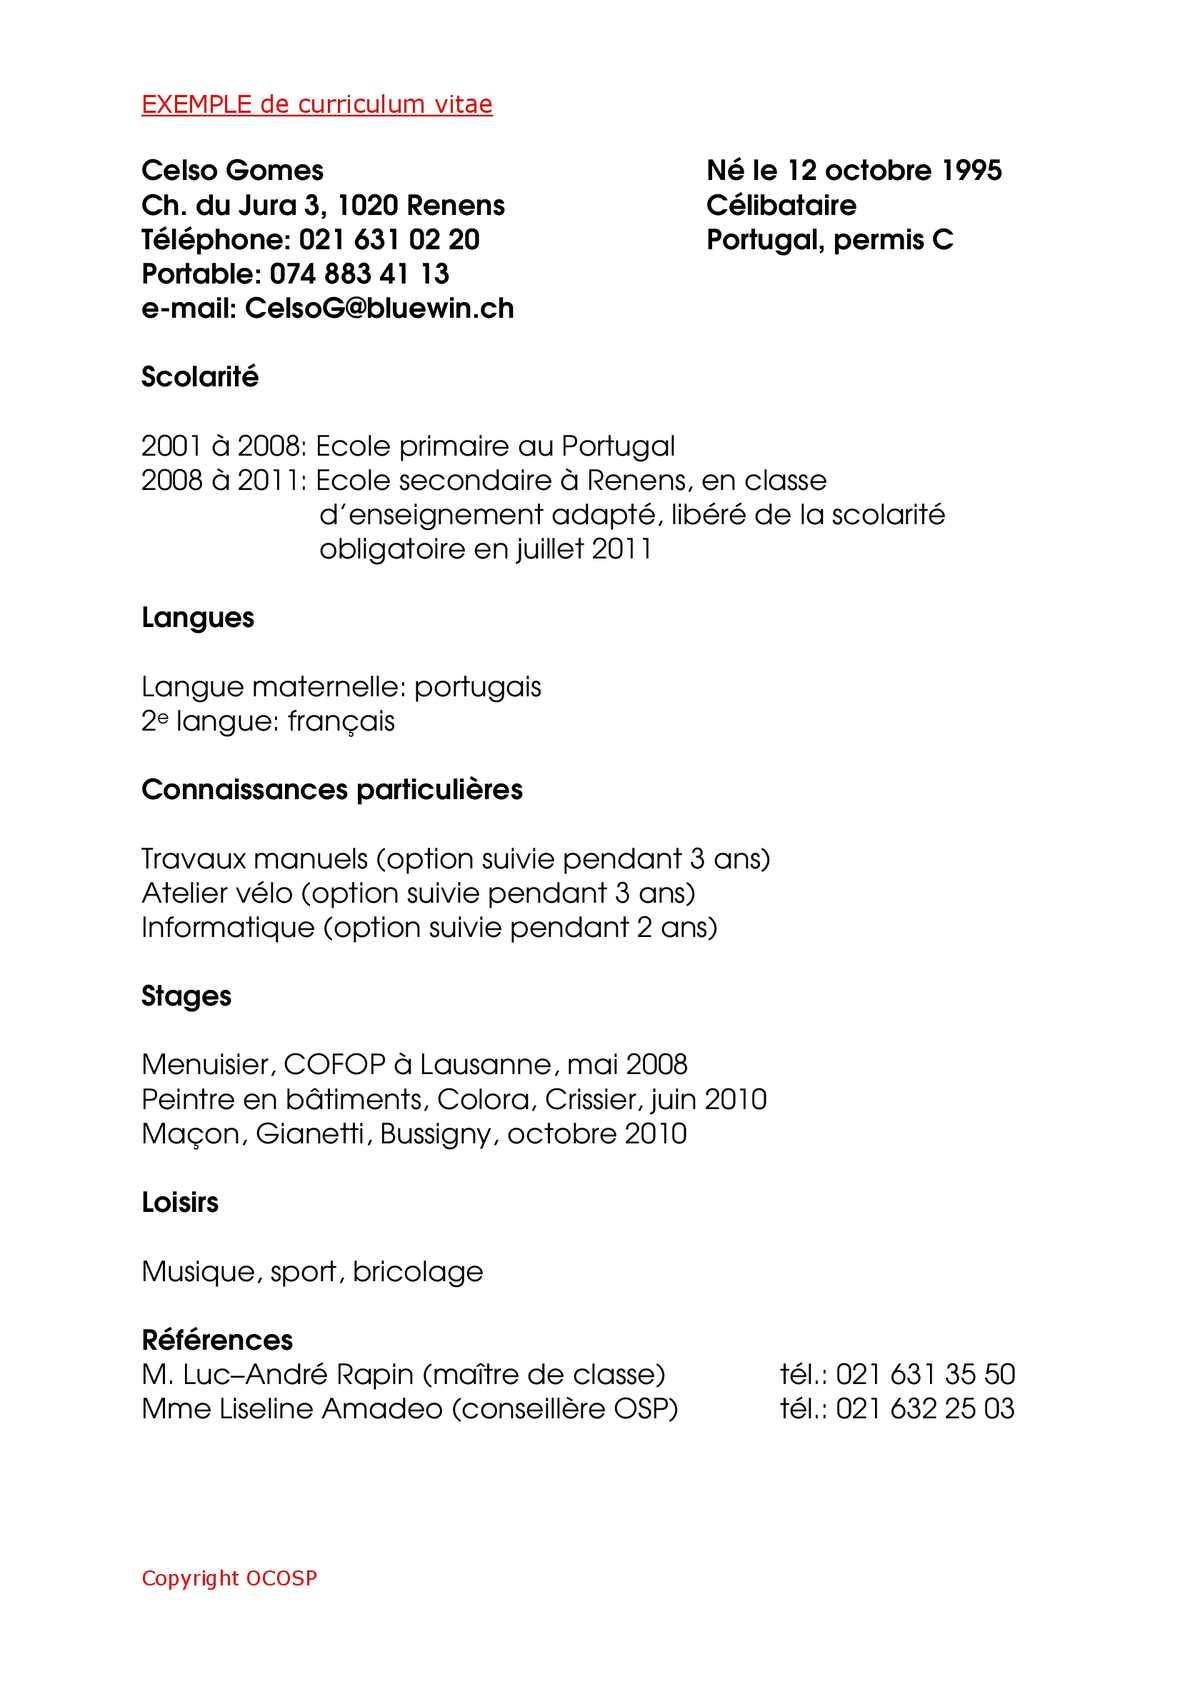 modele de cv en portugais